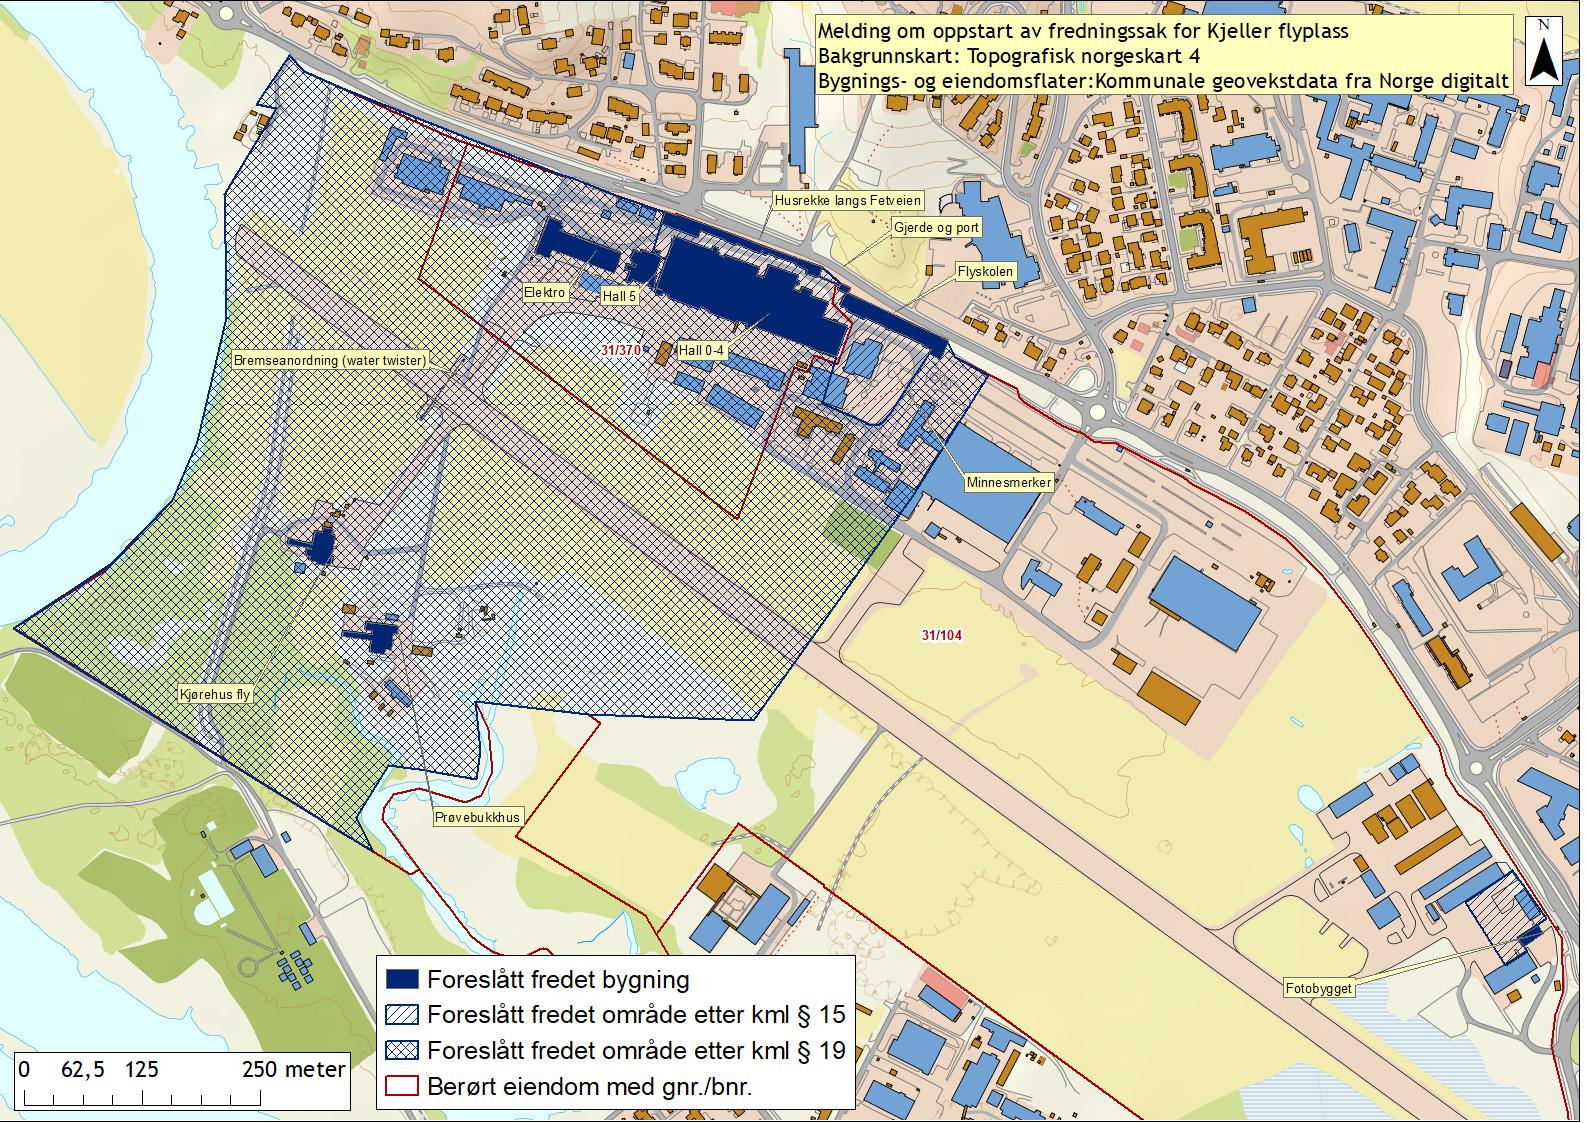 Illustrasjonen viser kart over Kjeller flyplass